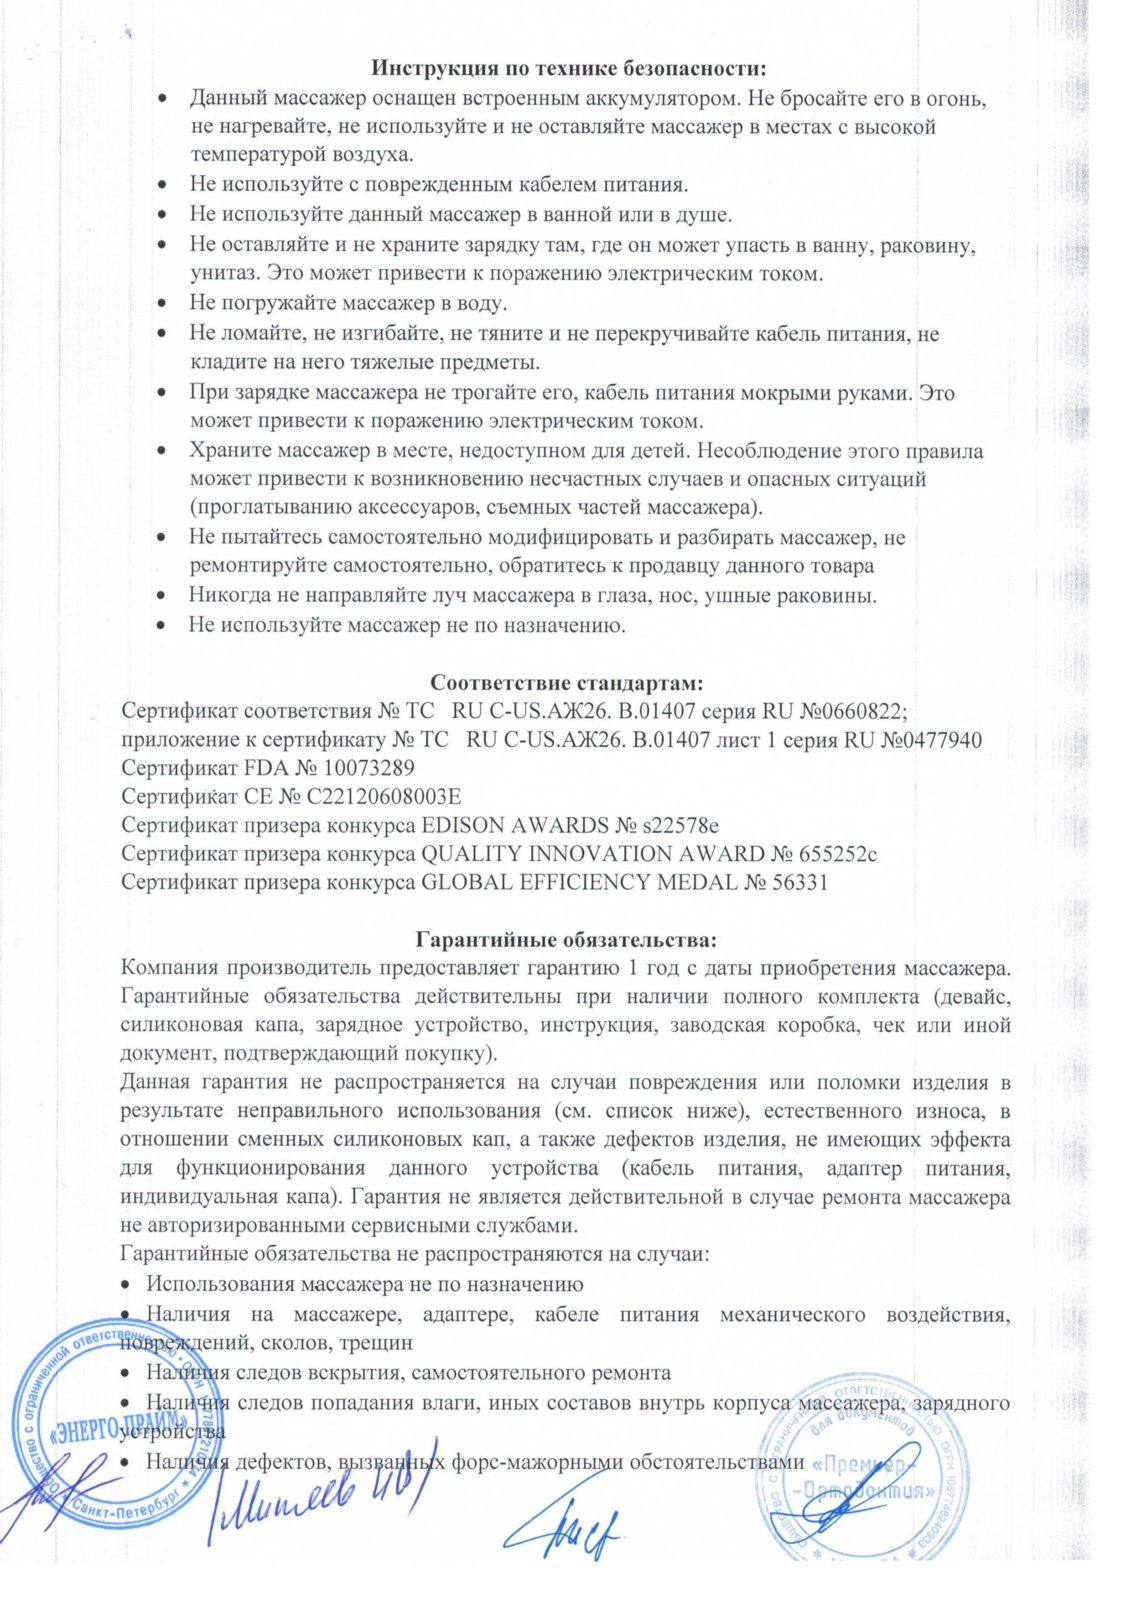 instrukcija-po-ispolzovaniju-3071-4p